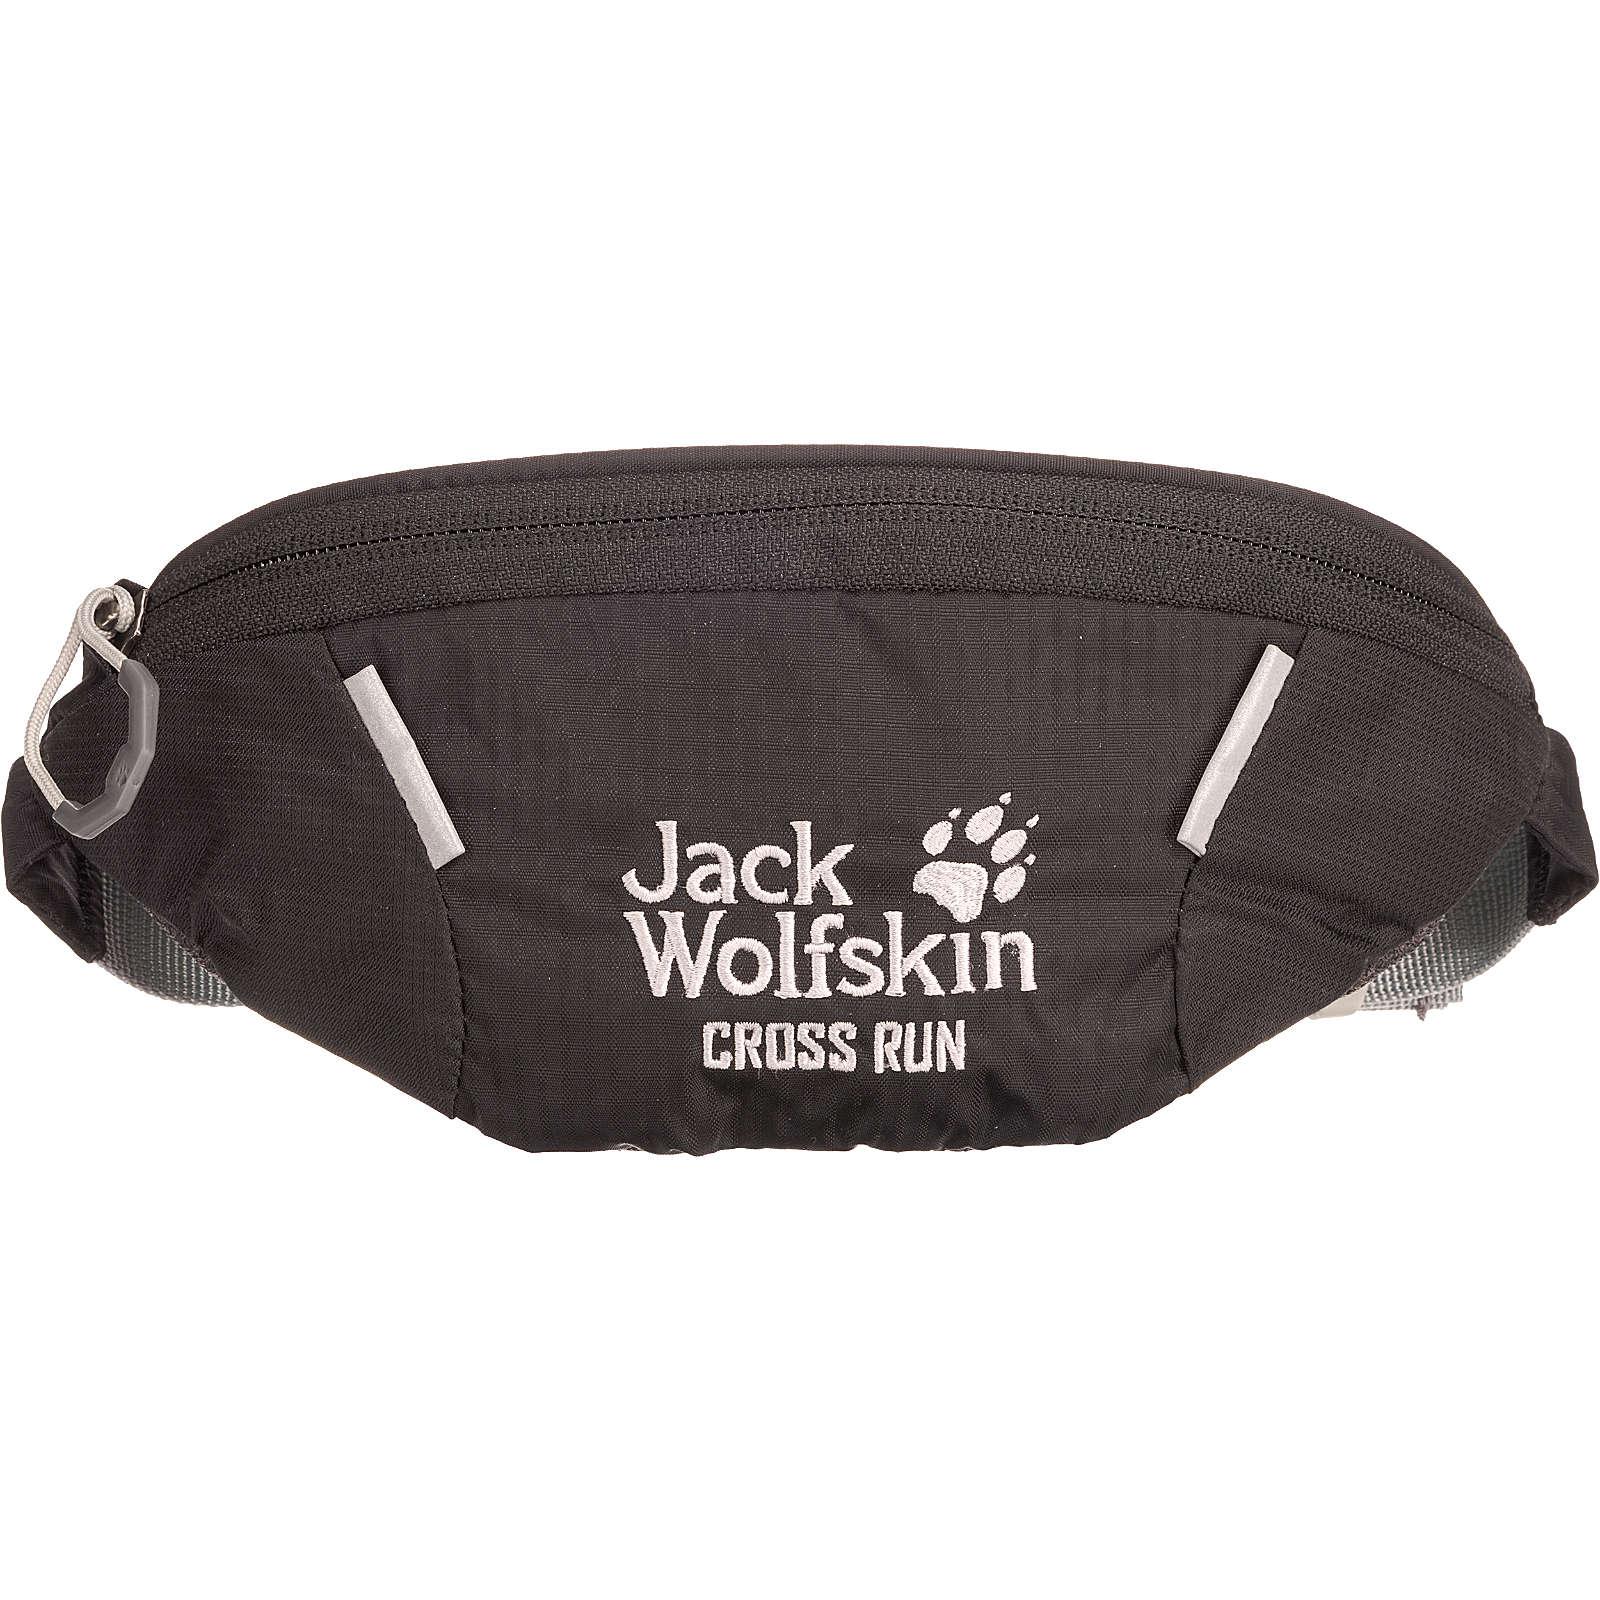 Jack Wolfskin Bauchtasche Cross Run schwarz